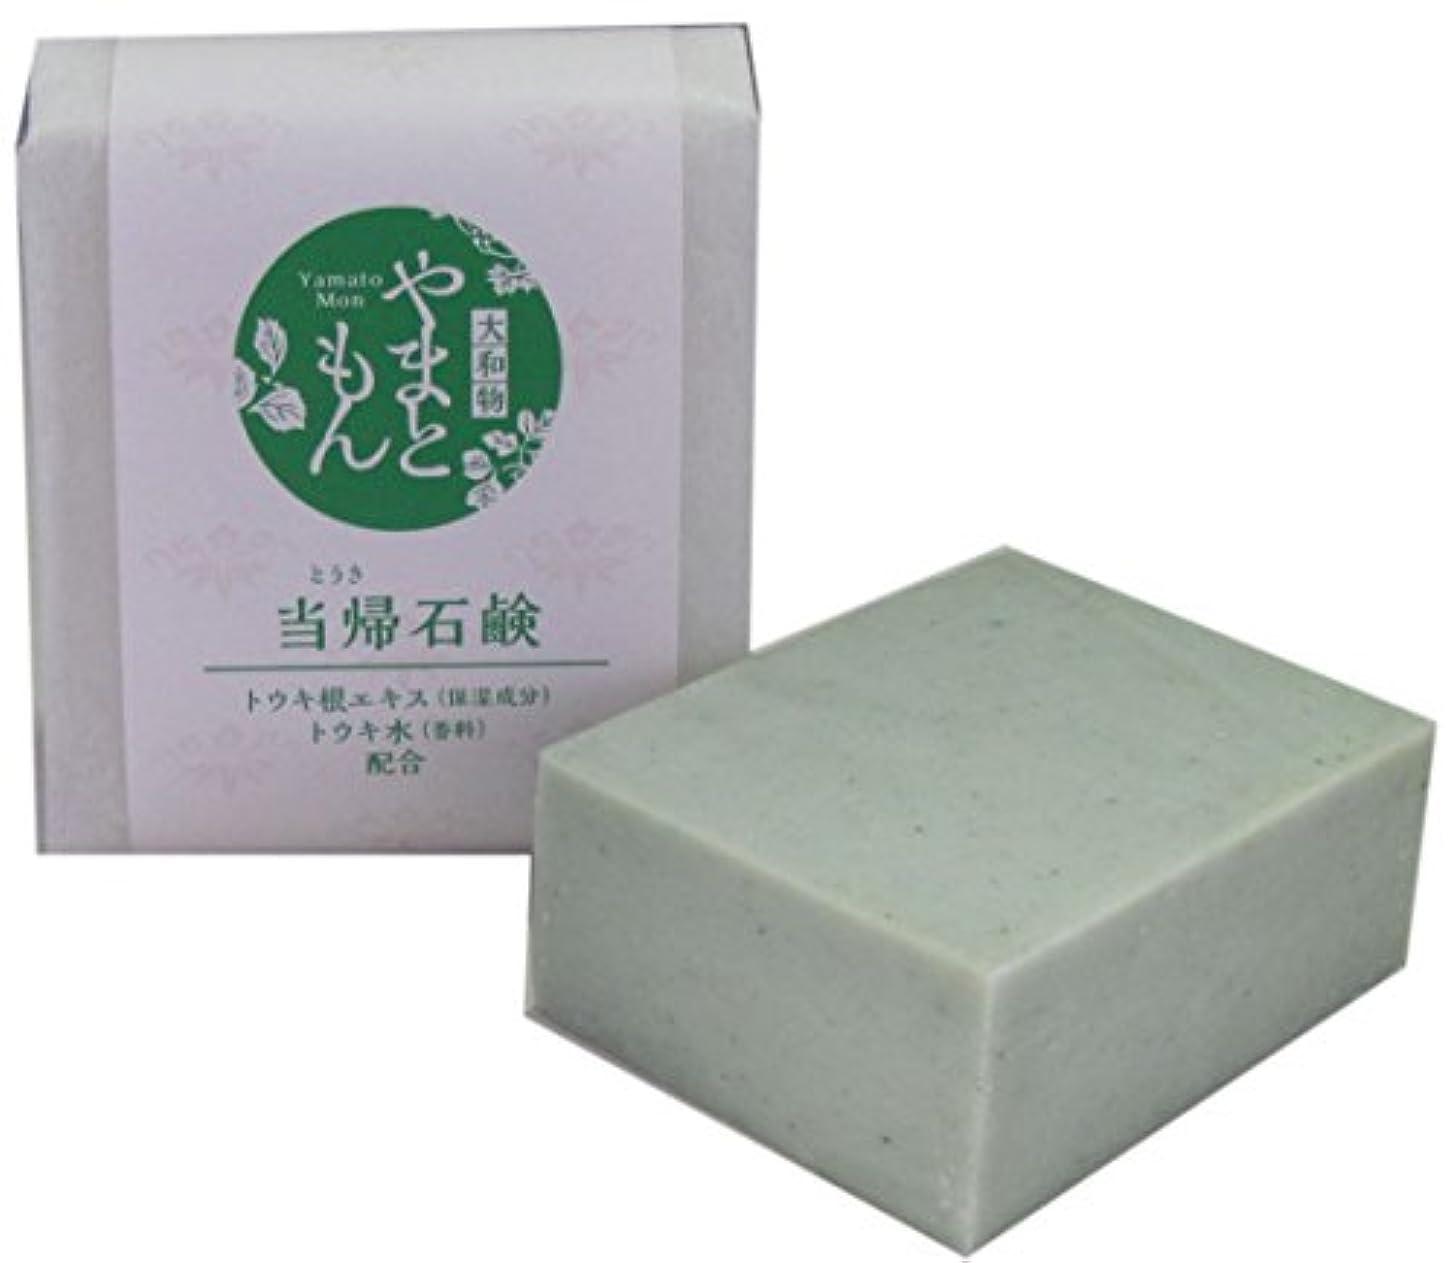 減る変更可能入植者奈良産和漢生薬エキス使用やまともん化粧品 当帰石鹸(とうきせっけん」)